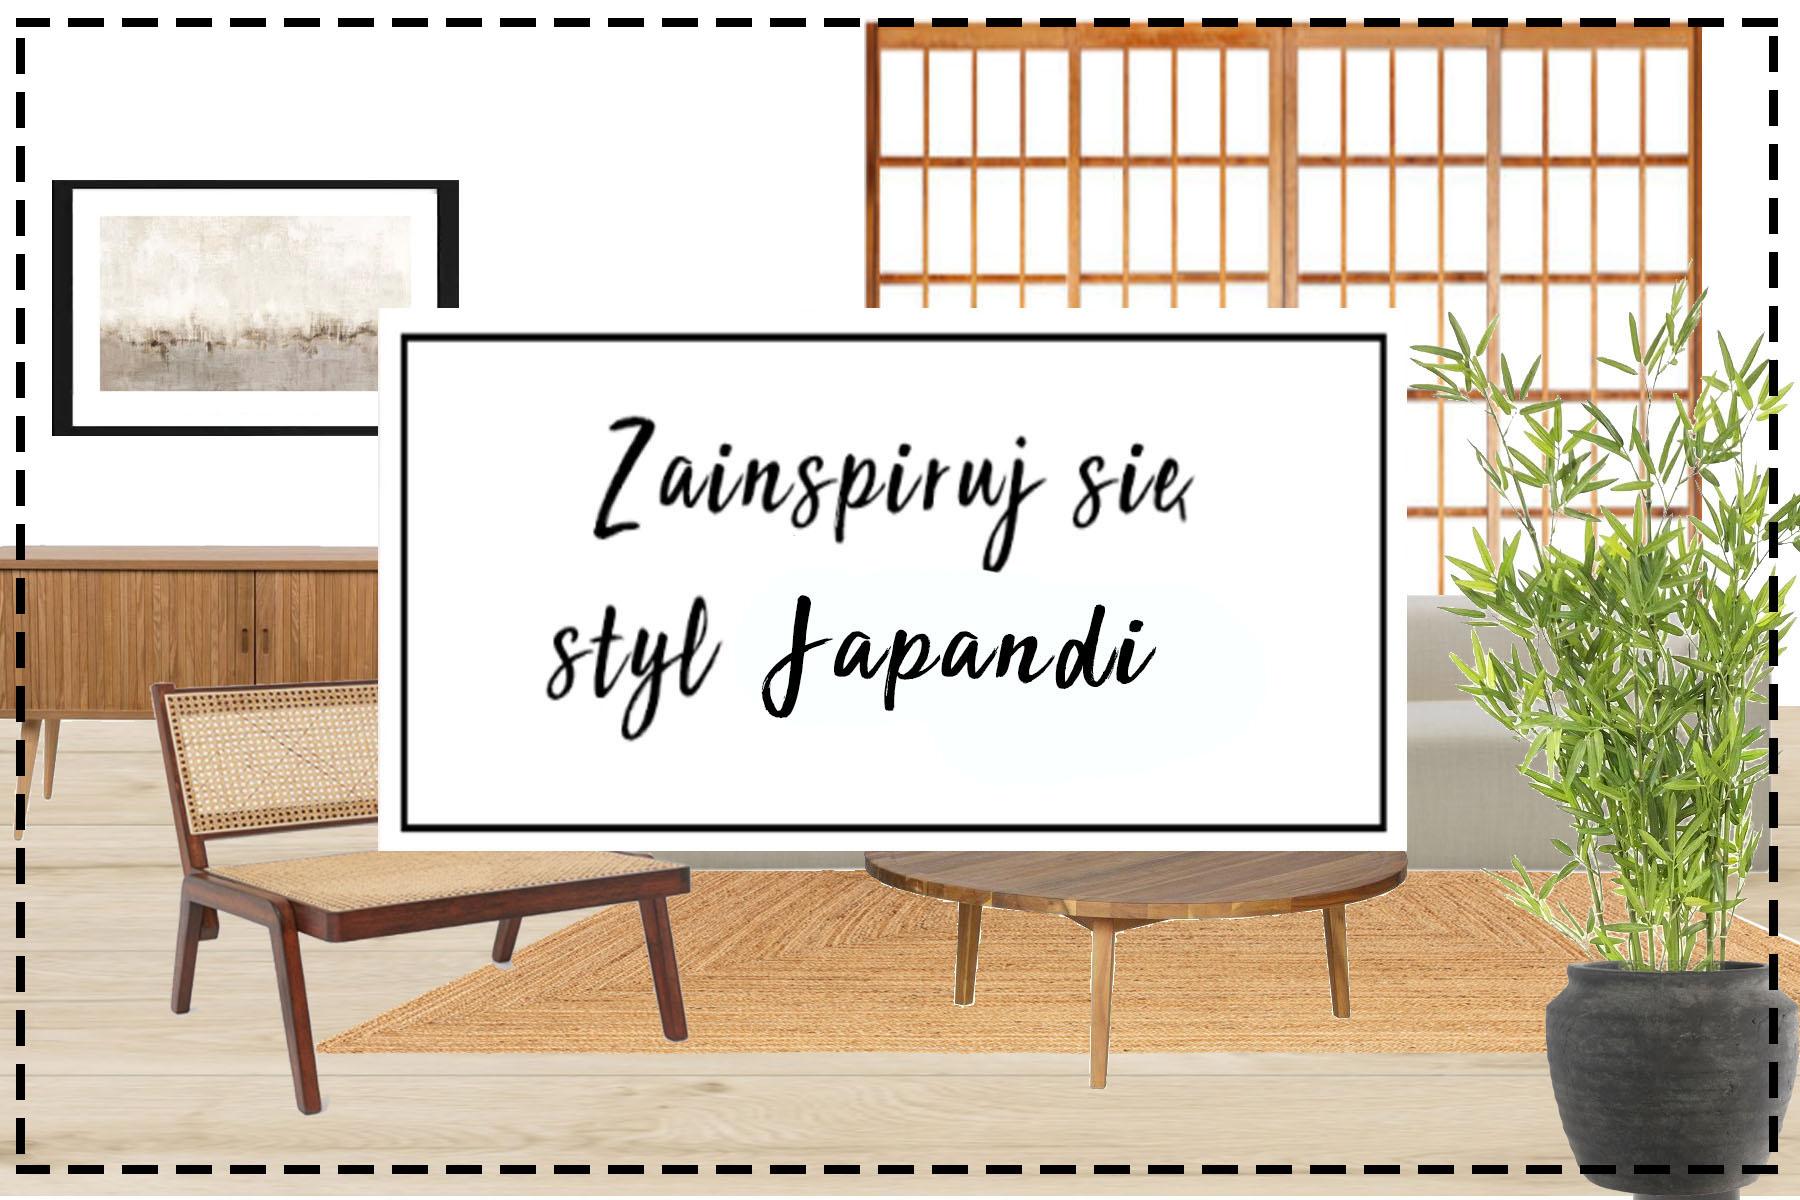 styl japandi